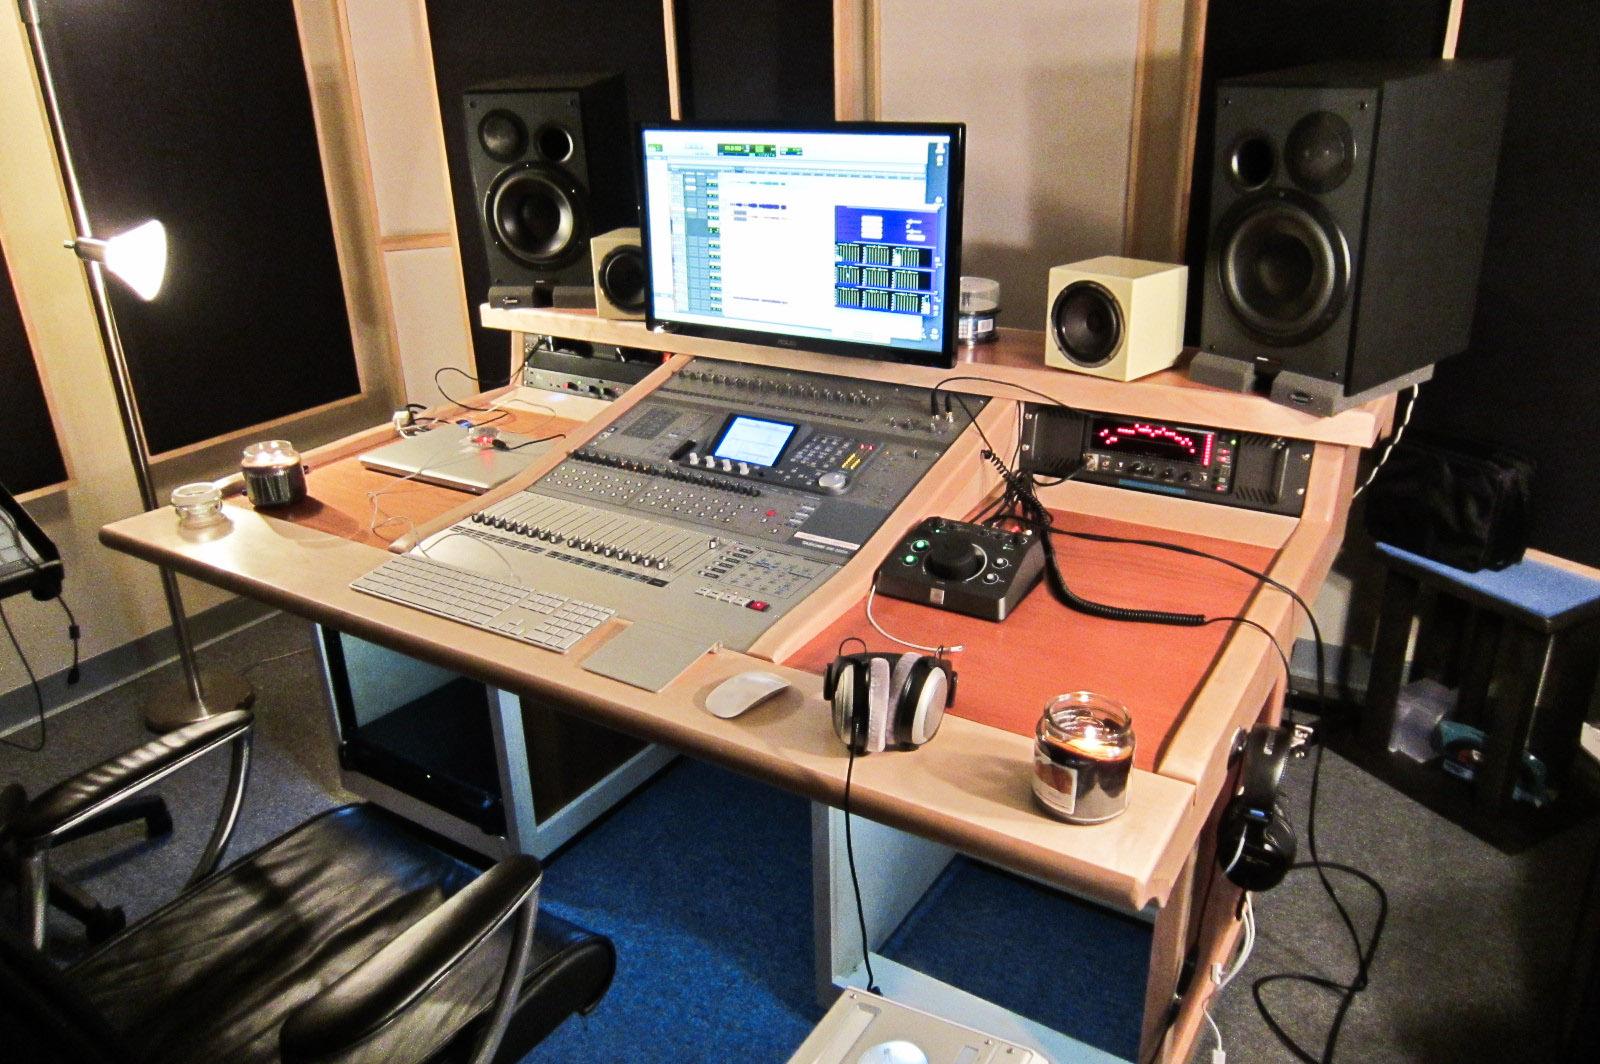 mixer desk for tascam dm 3200 self made. Black Bedroom Furniture Sets. Home Design Ideas